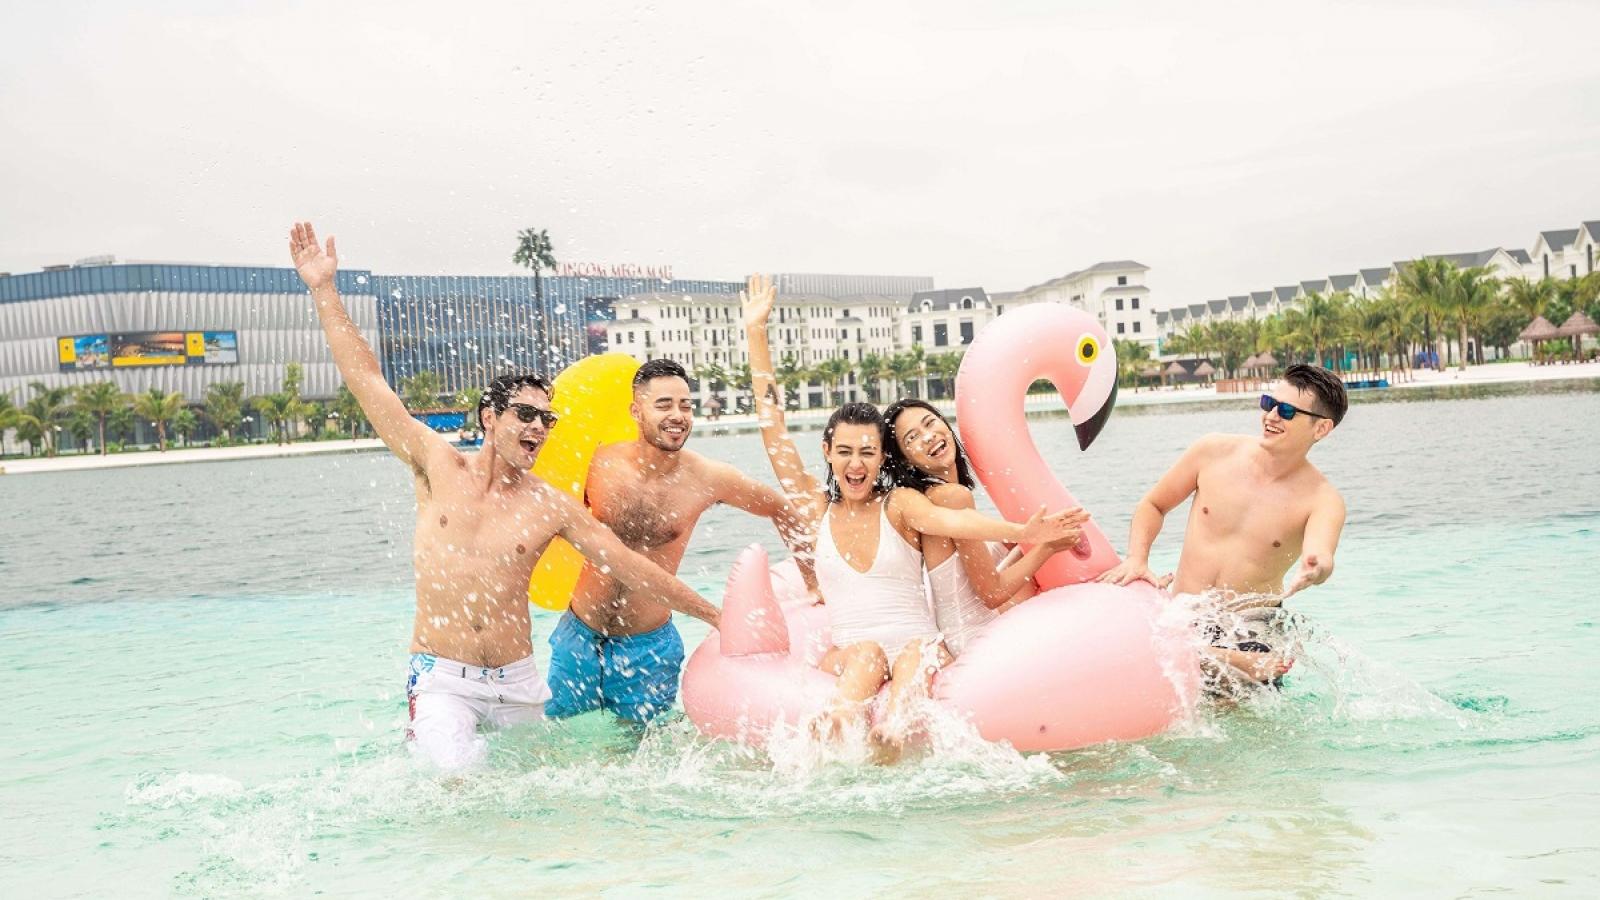 """Trải nghiệm cuộc sống cực """"chill"""" dành cho giới trẻ tại Vinhomes Ocean Park"""